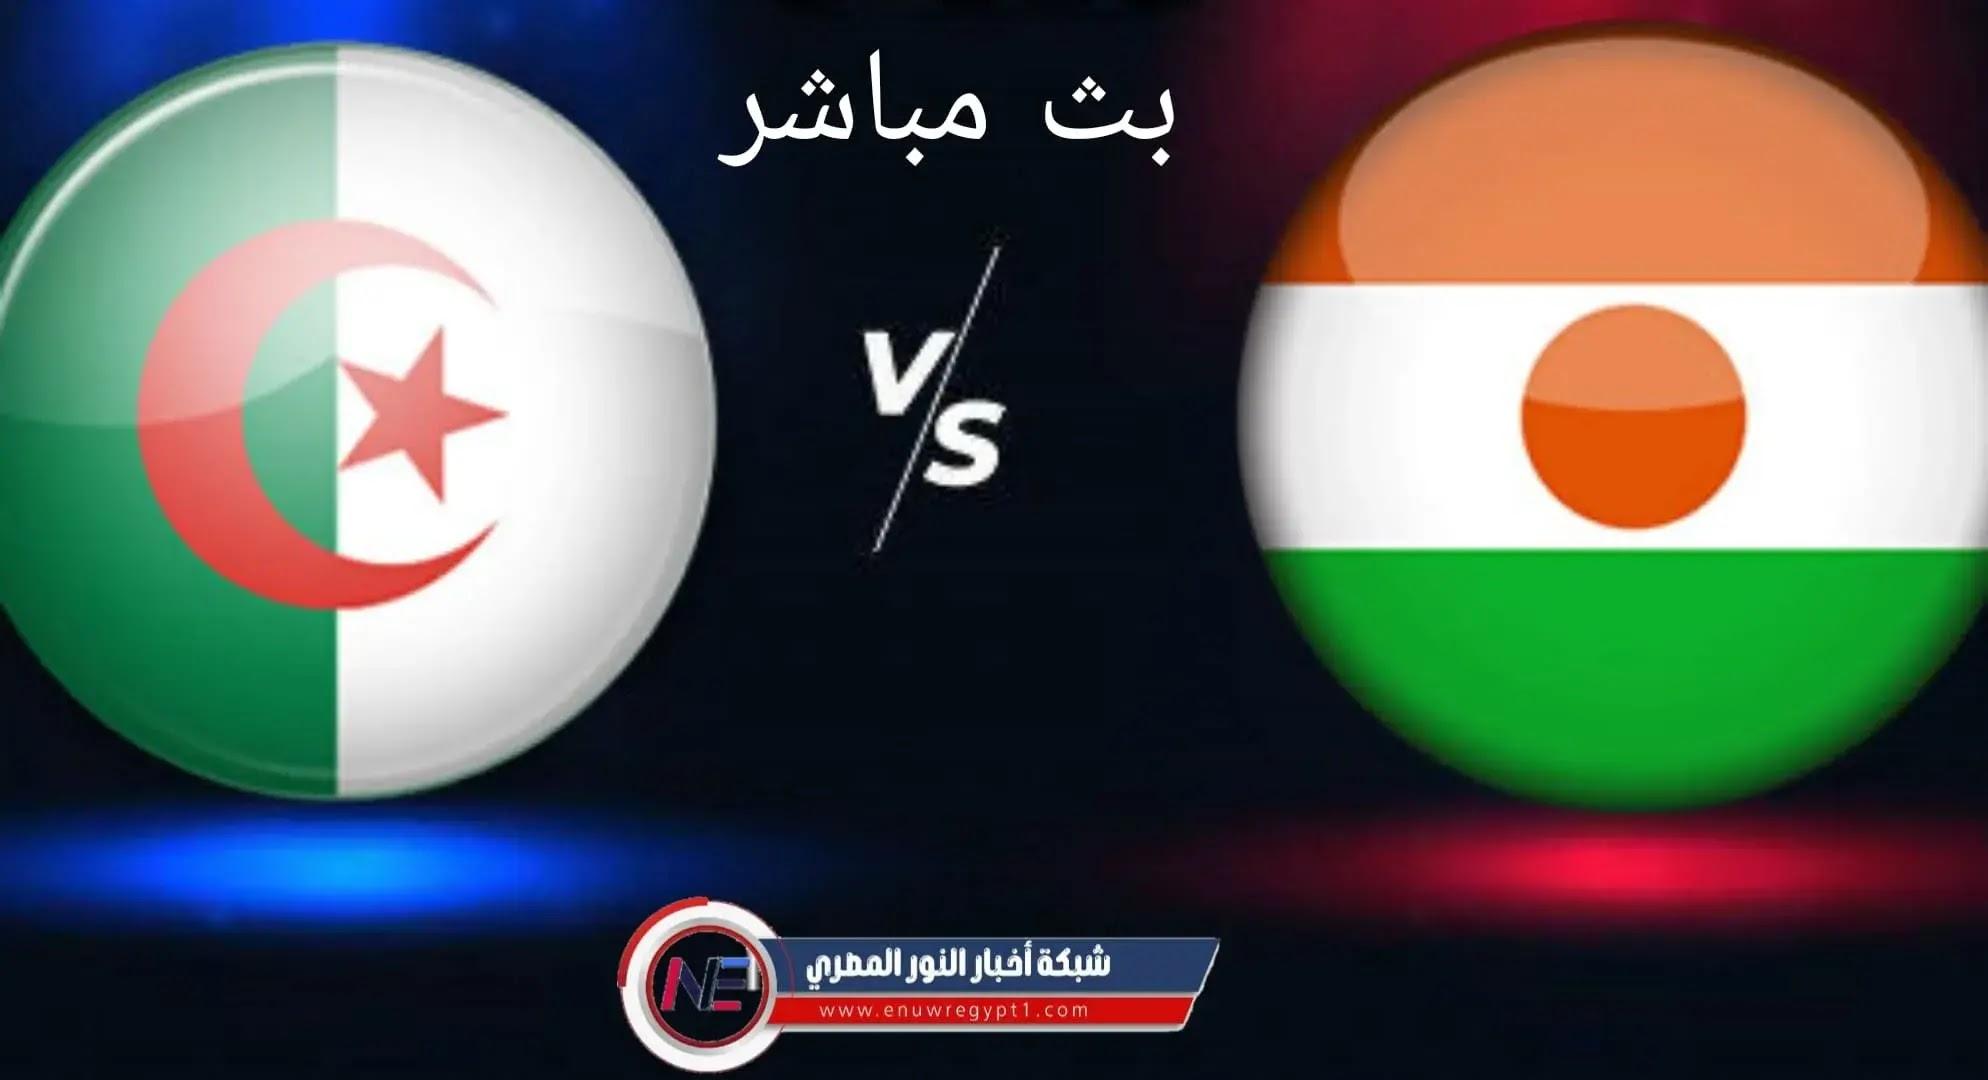 كورة لايف يوتيوب .. بث مباشر مشاهدة مباراة النيجر و الجزائر اليوم 12-10-2021 لايف في تصفيات كأس العالم بجودة عالية